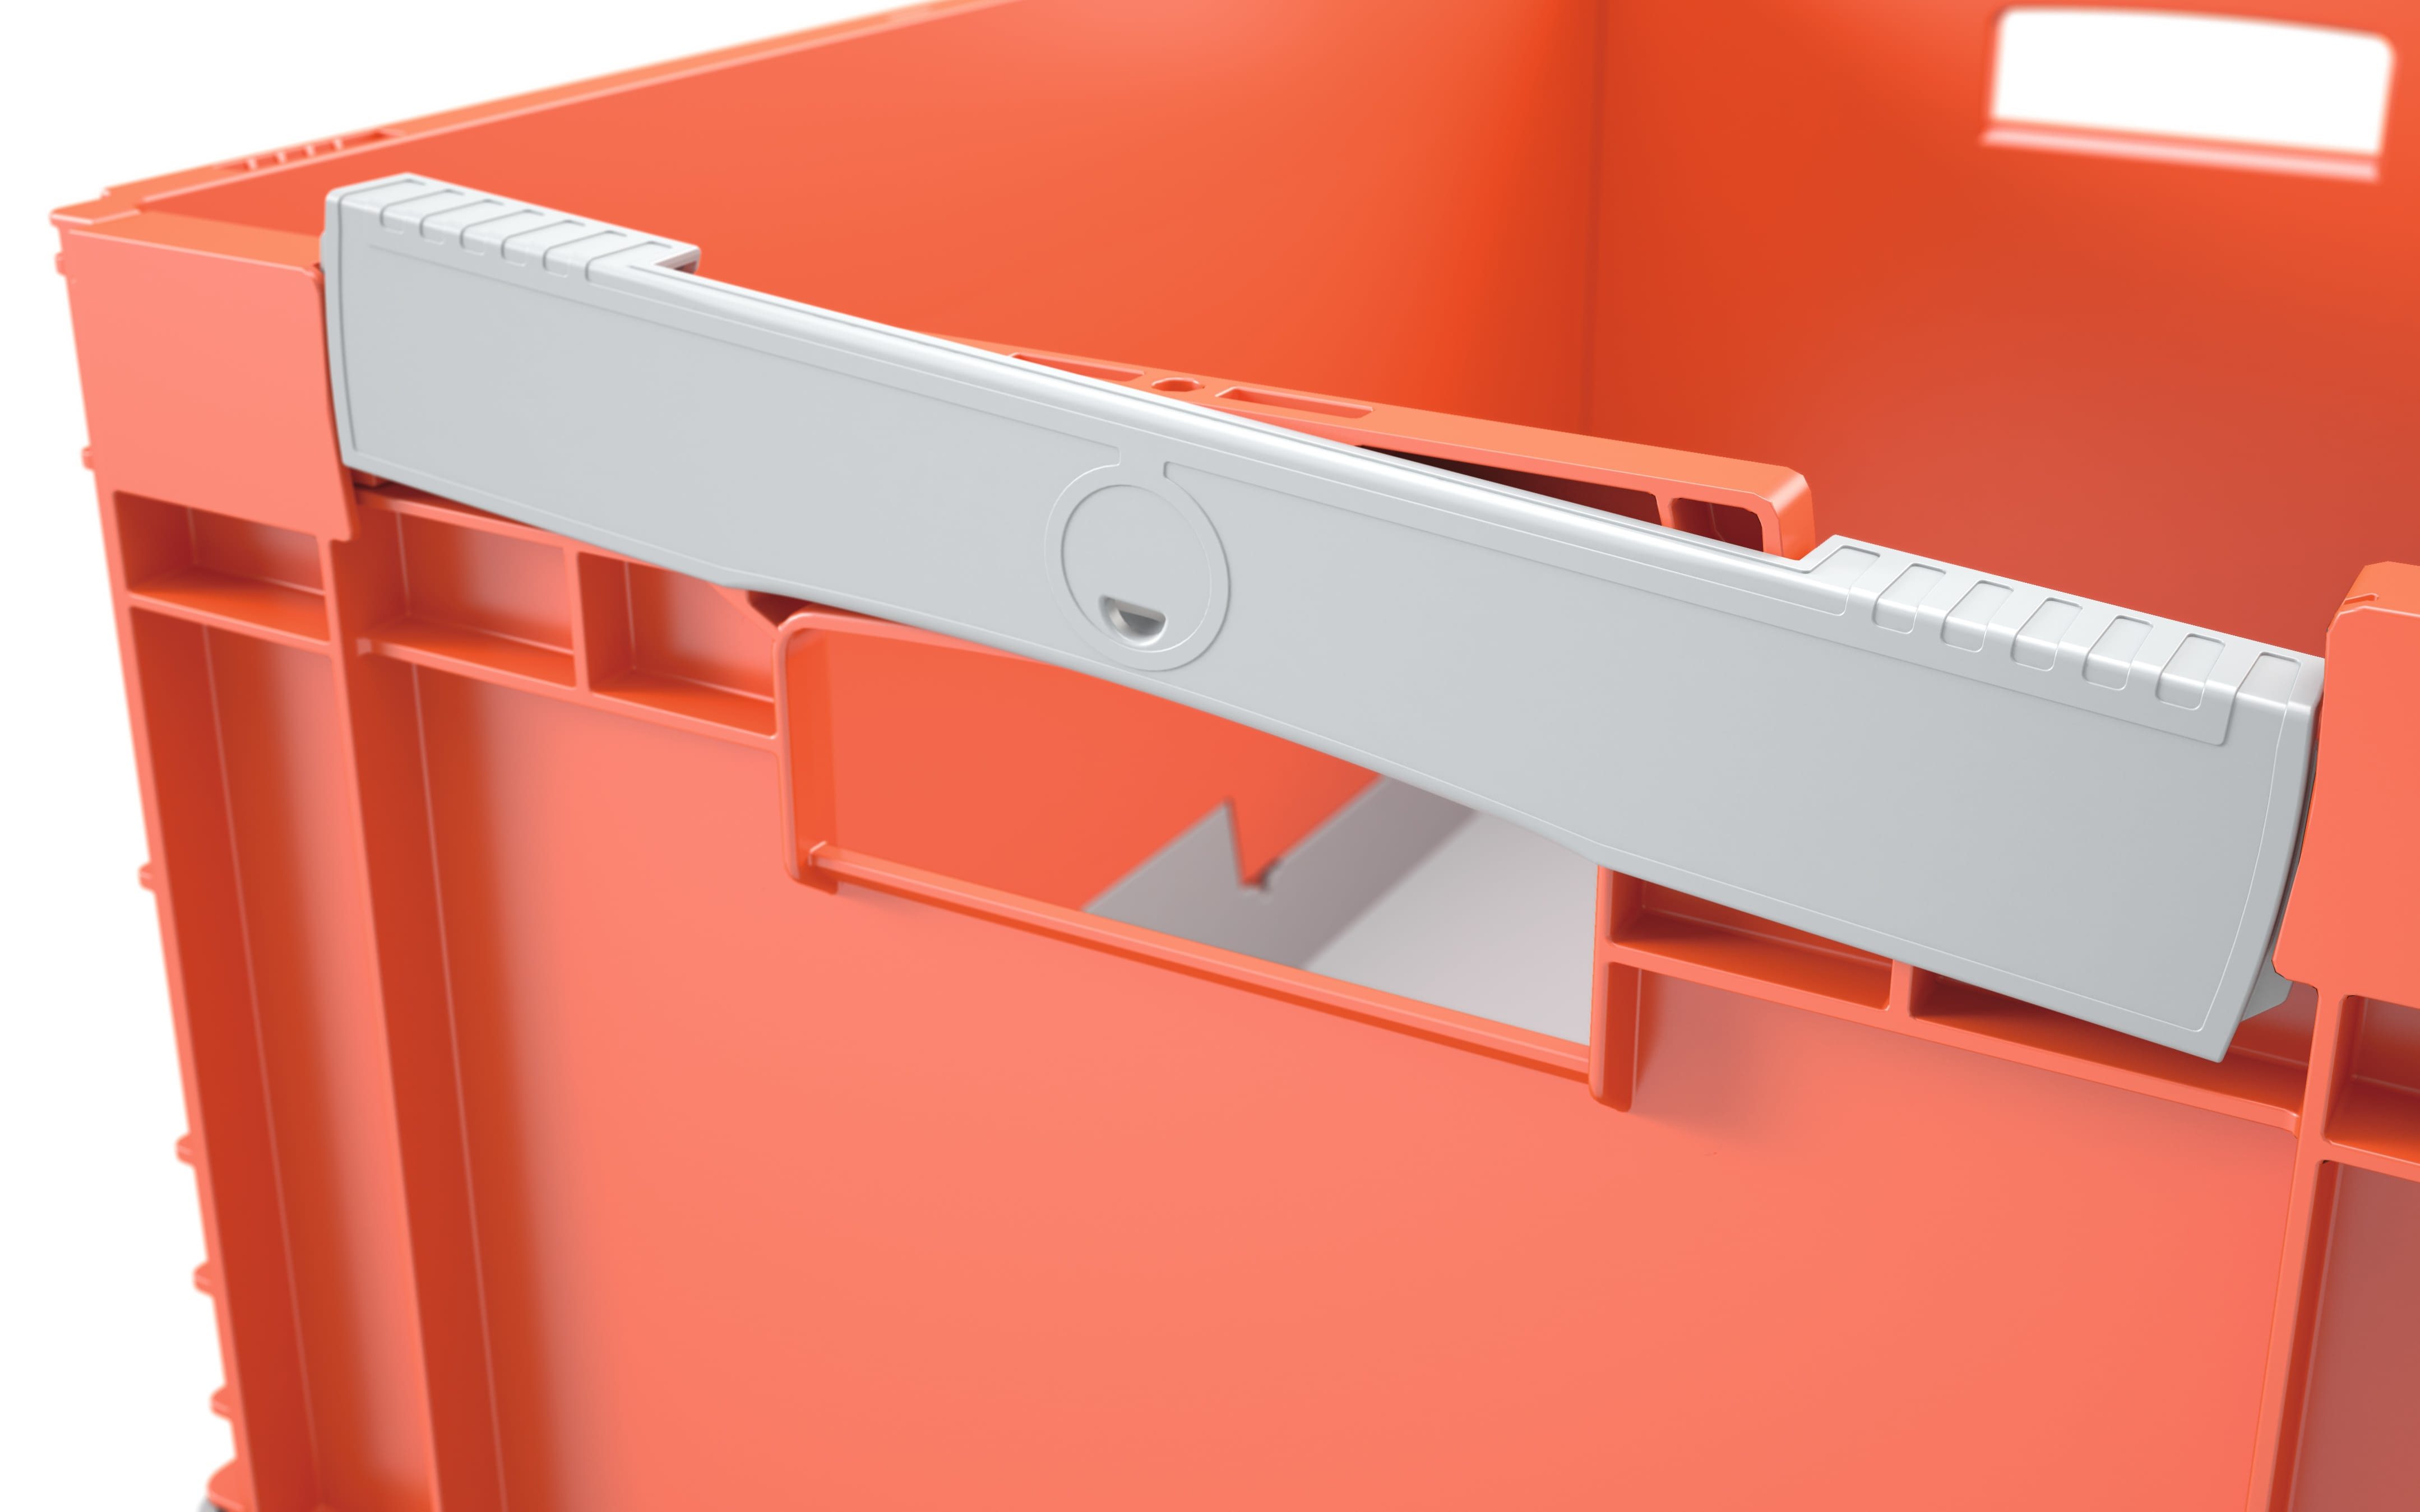 La BITOBOX pliable EQ, poignées ouvertes, orange/gris, IMG_133426